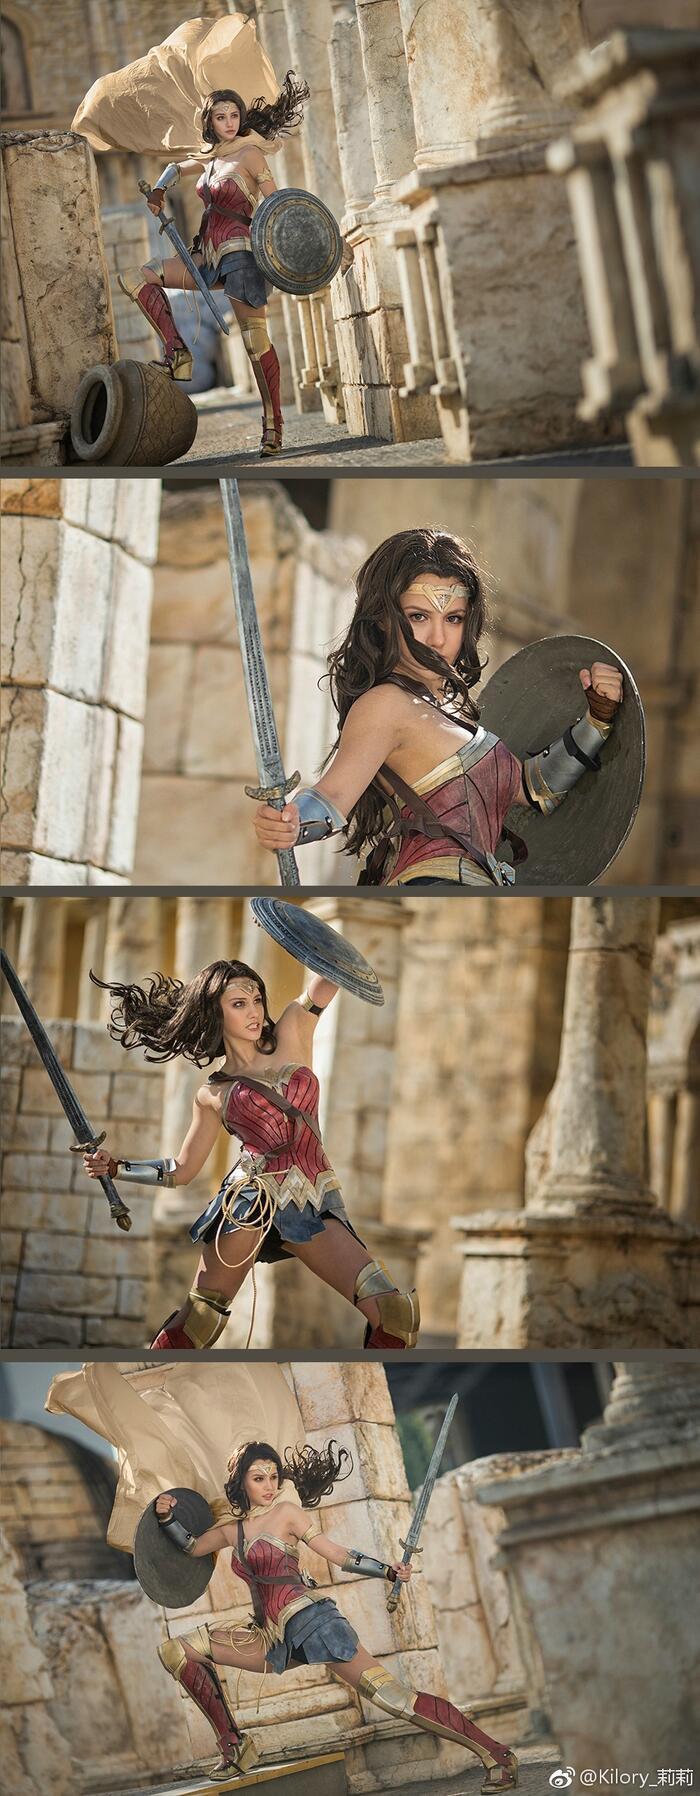 Cùng ngắm loạt ảnh cosplay xinh đẹp mà đầy khí chất về Wonder Woman Ảnh 4